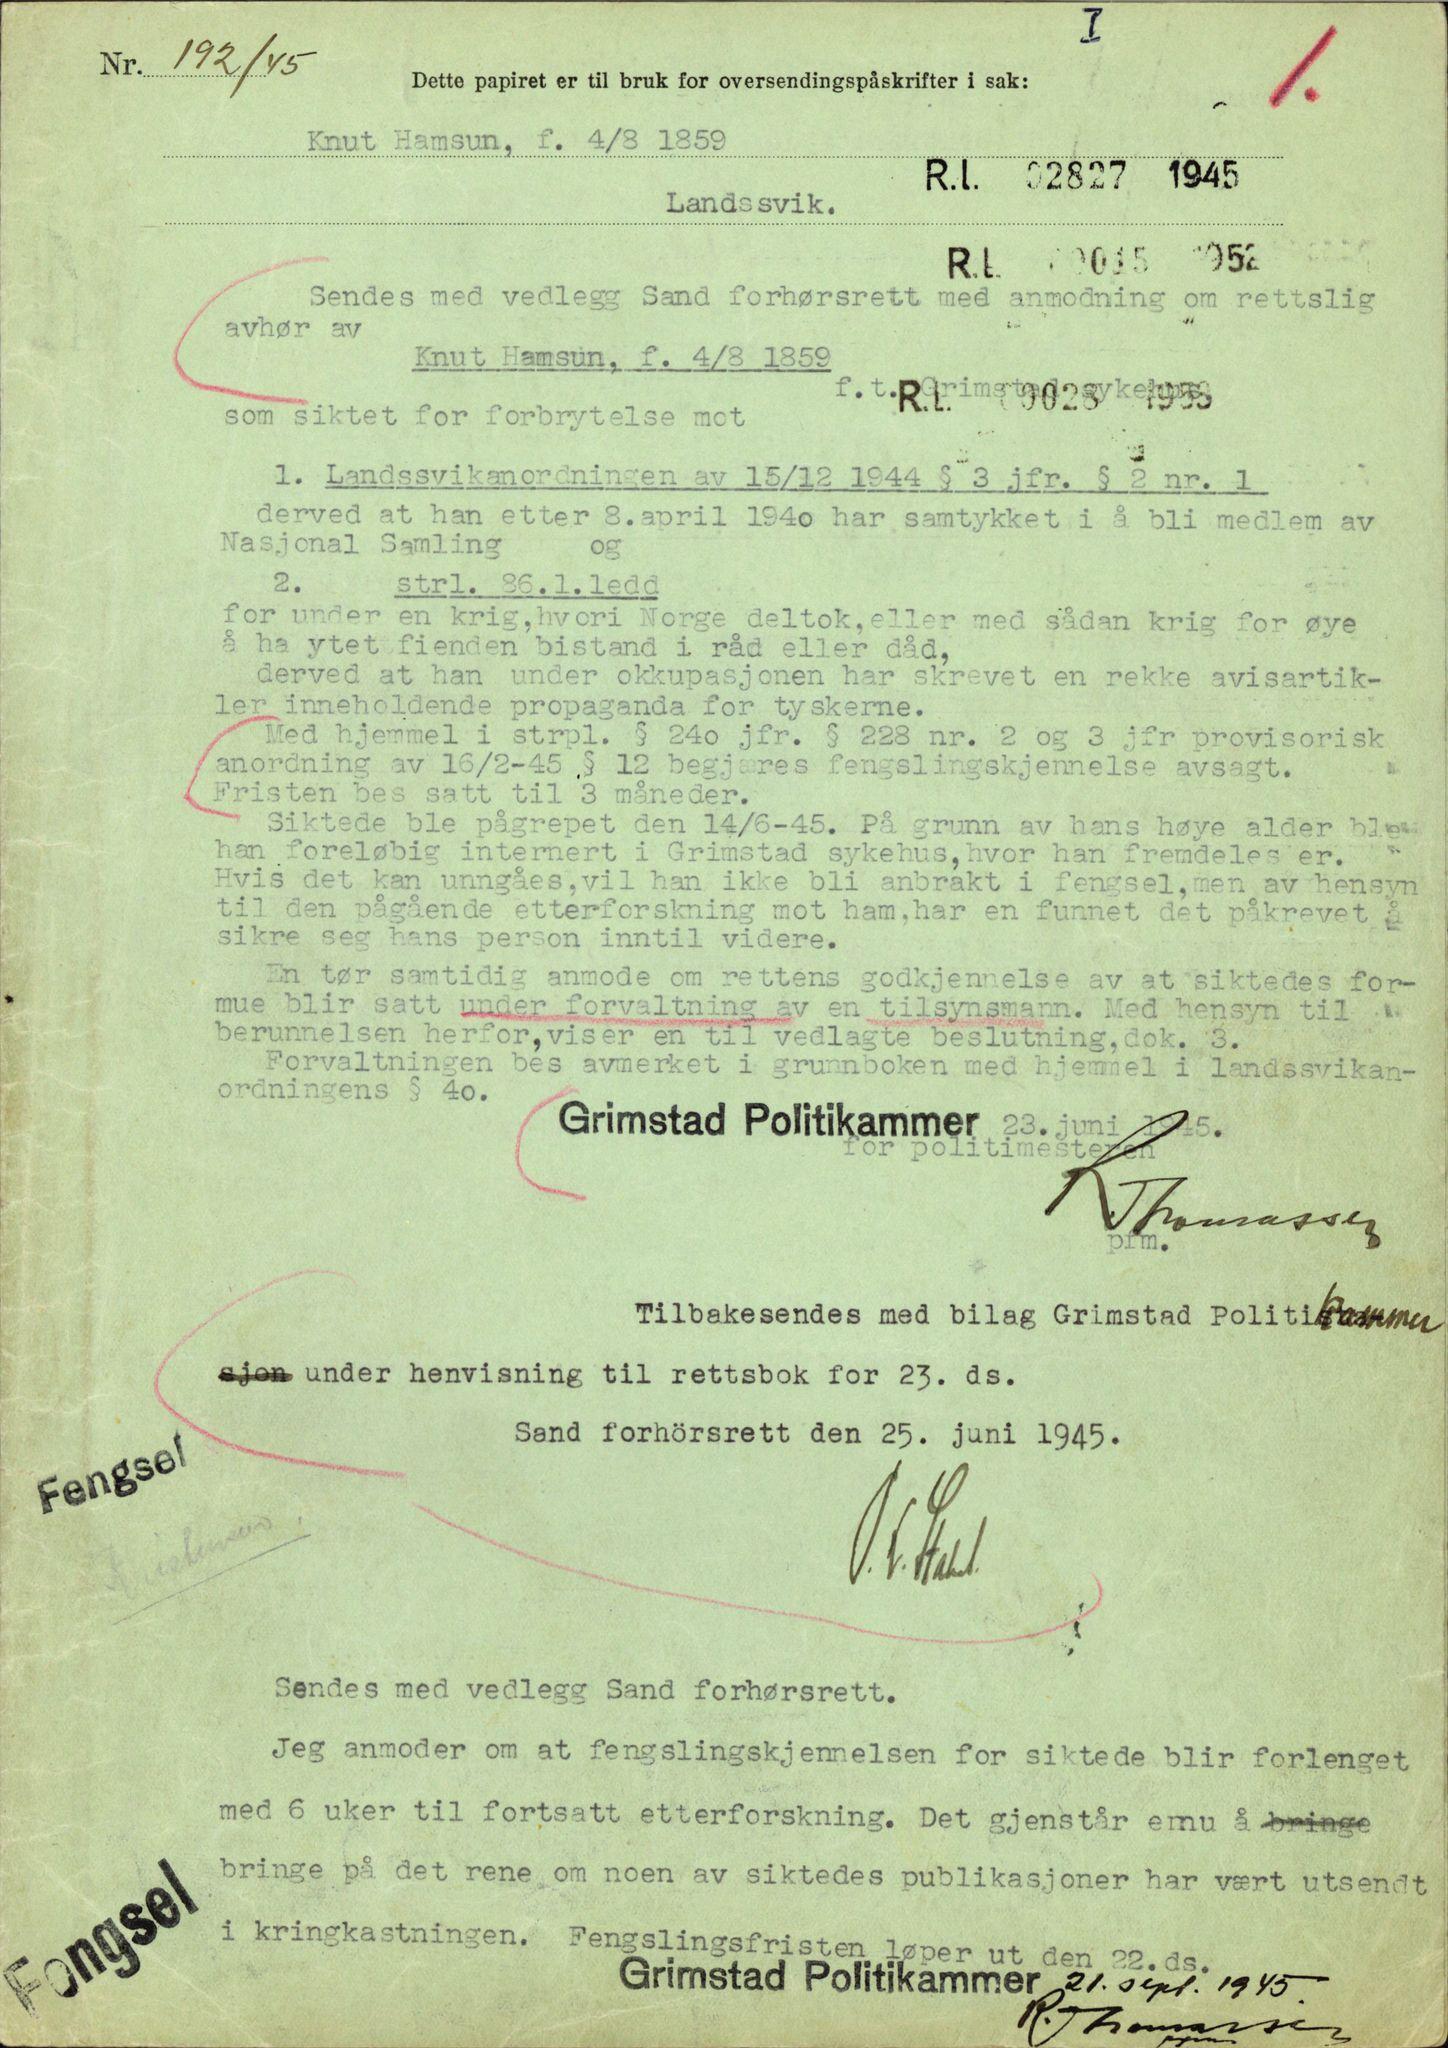 RA, Landssvikarkivet, Arendal politikammer, D/Dc/L0029: Anr. 192/45, 1945-1951, s. 8